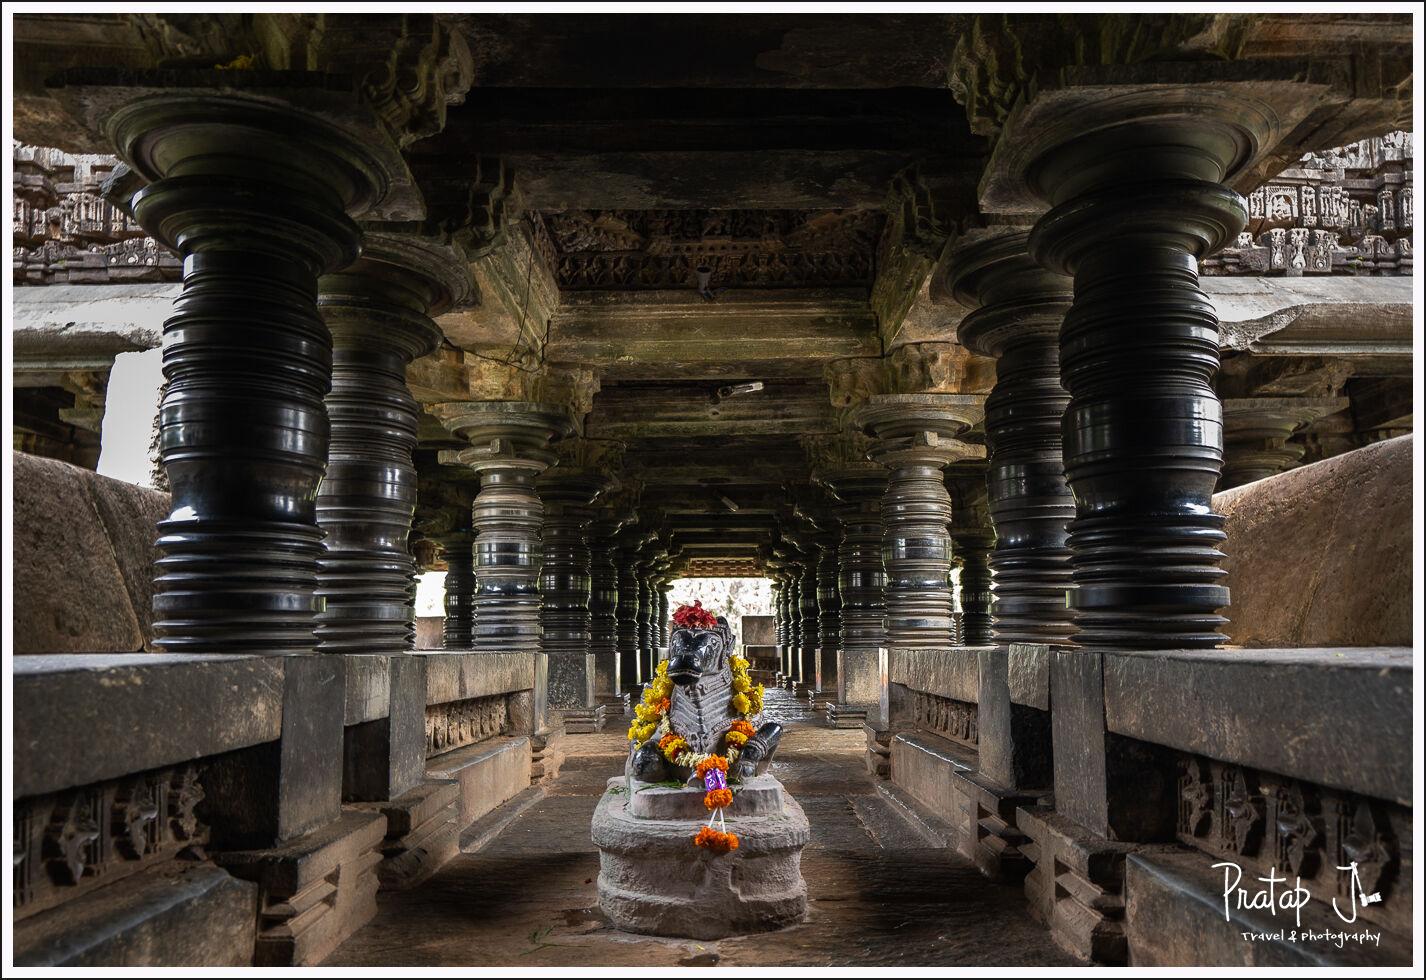 Inside the Amruthapura Amrutheshwar Temple